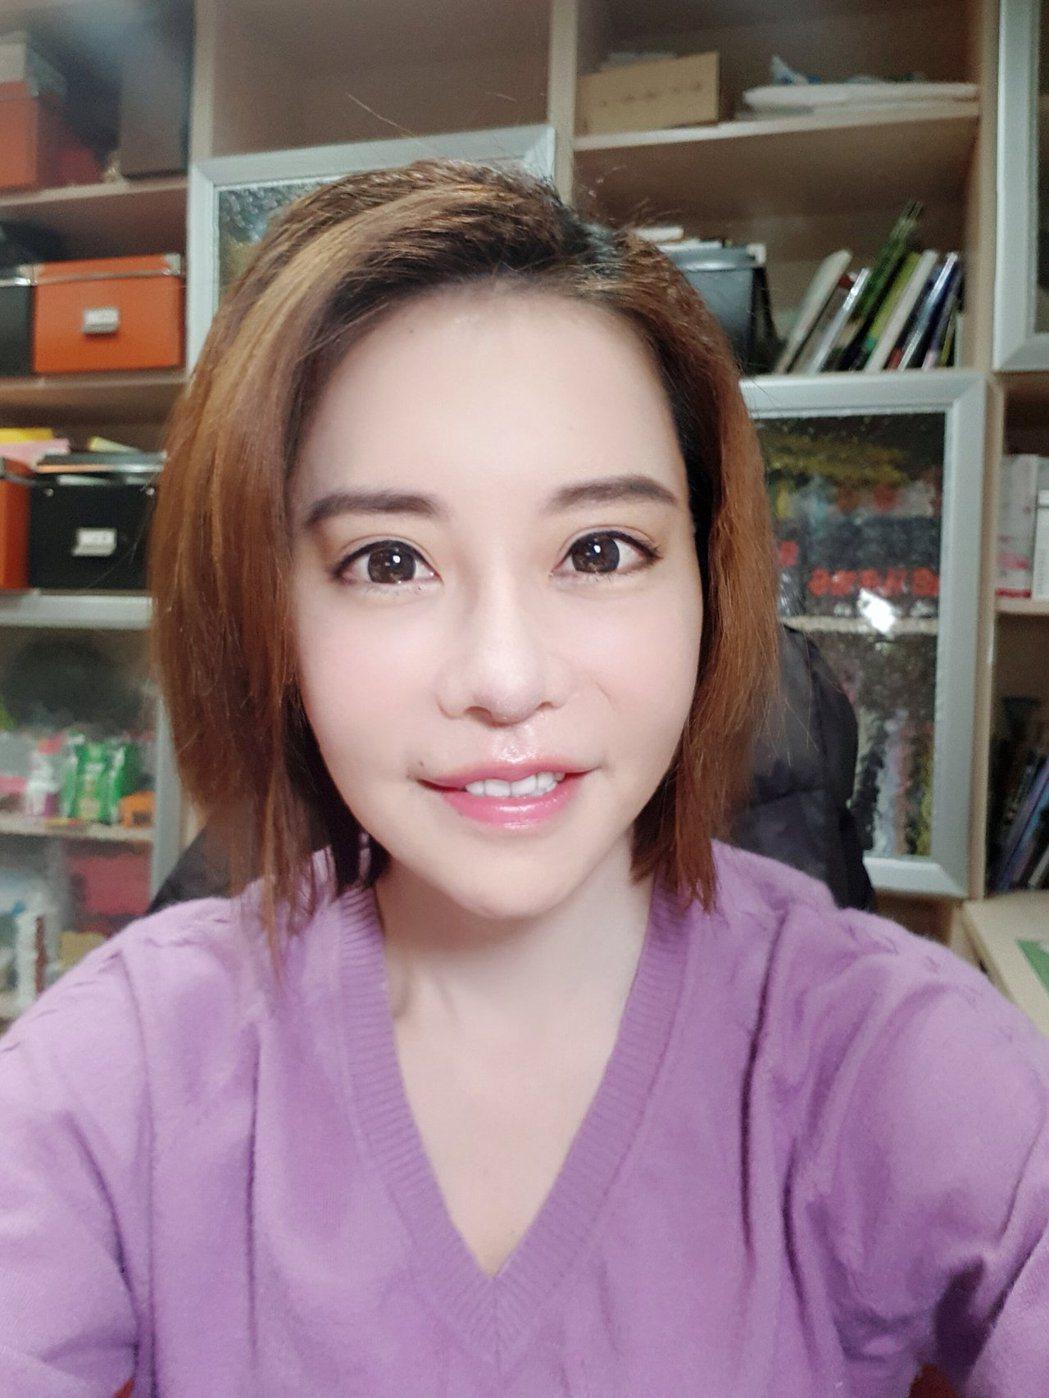 網友攻擊斯容有張恐怖的小丑嘴,不過她強調這是天生的,非整形而來。 圖/擷自斯容臉